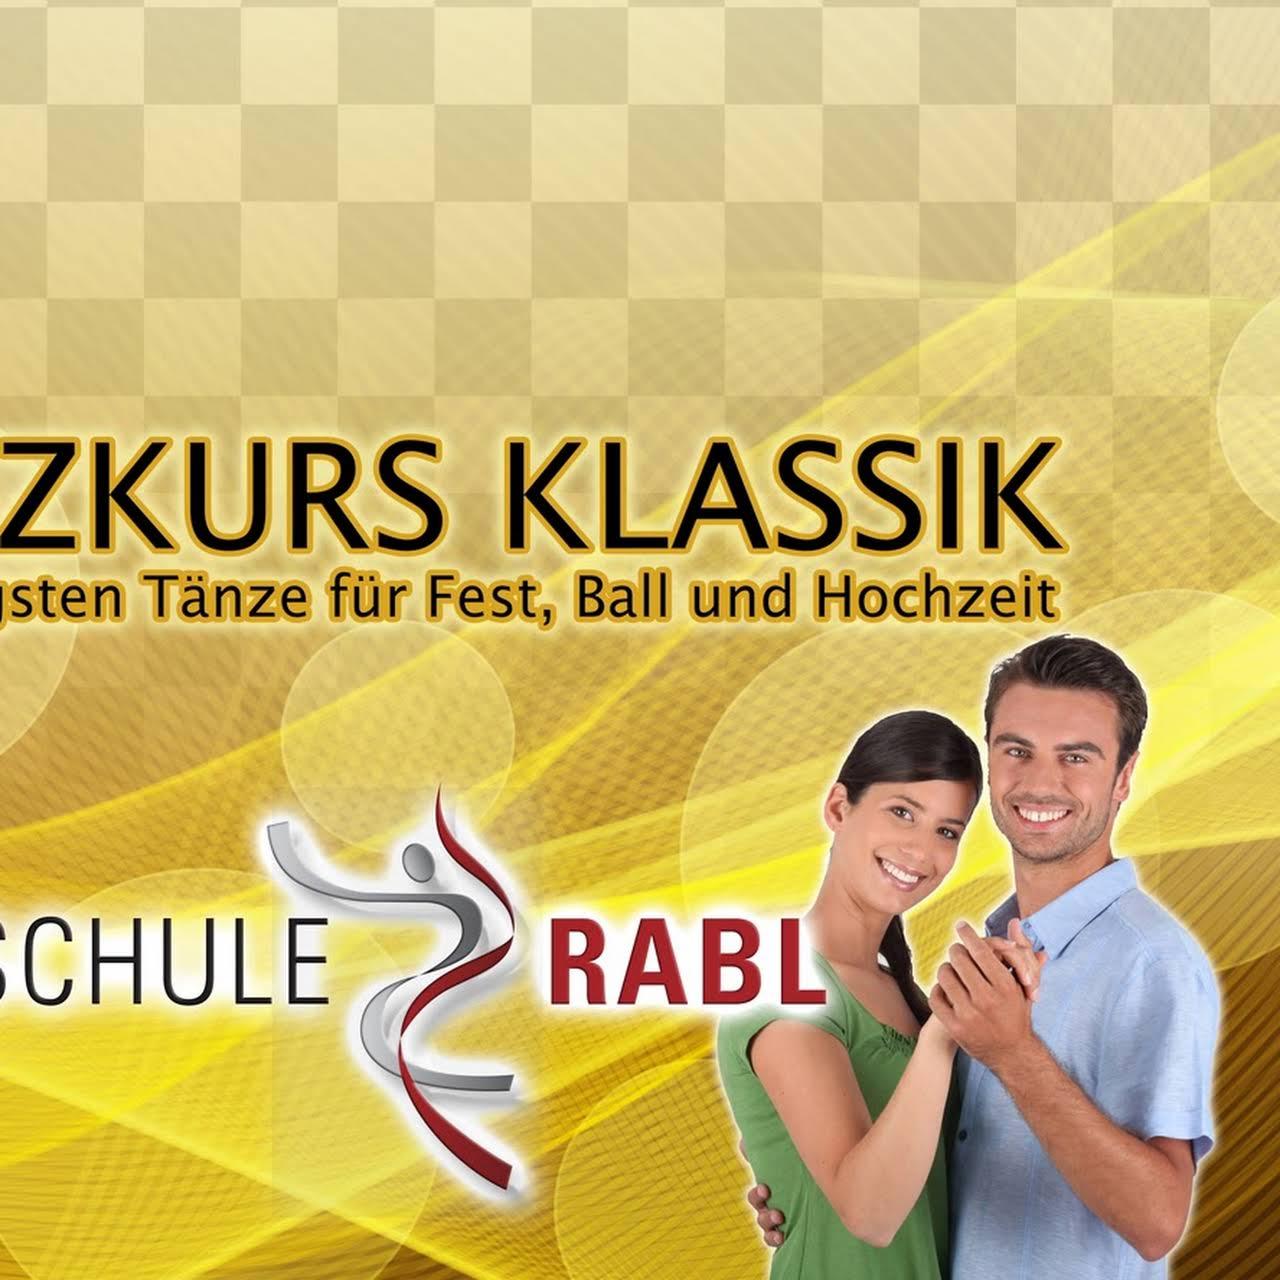 Kleine Zeitung Vorteilsclub - Tanzschule Rabl